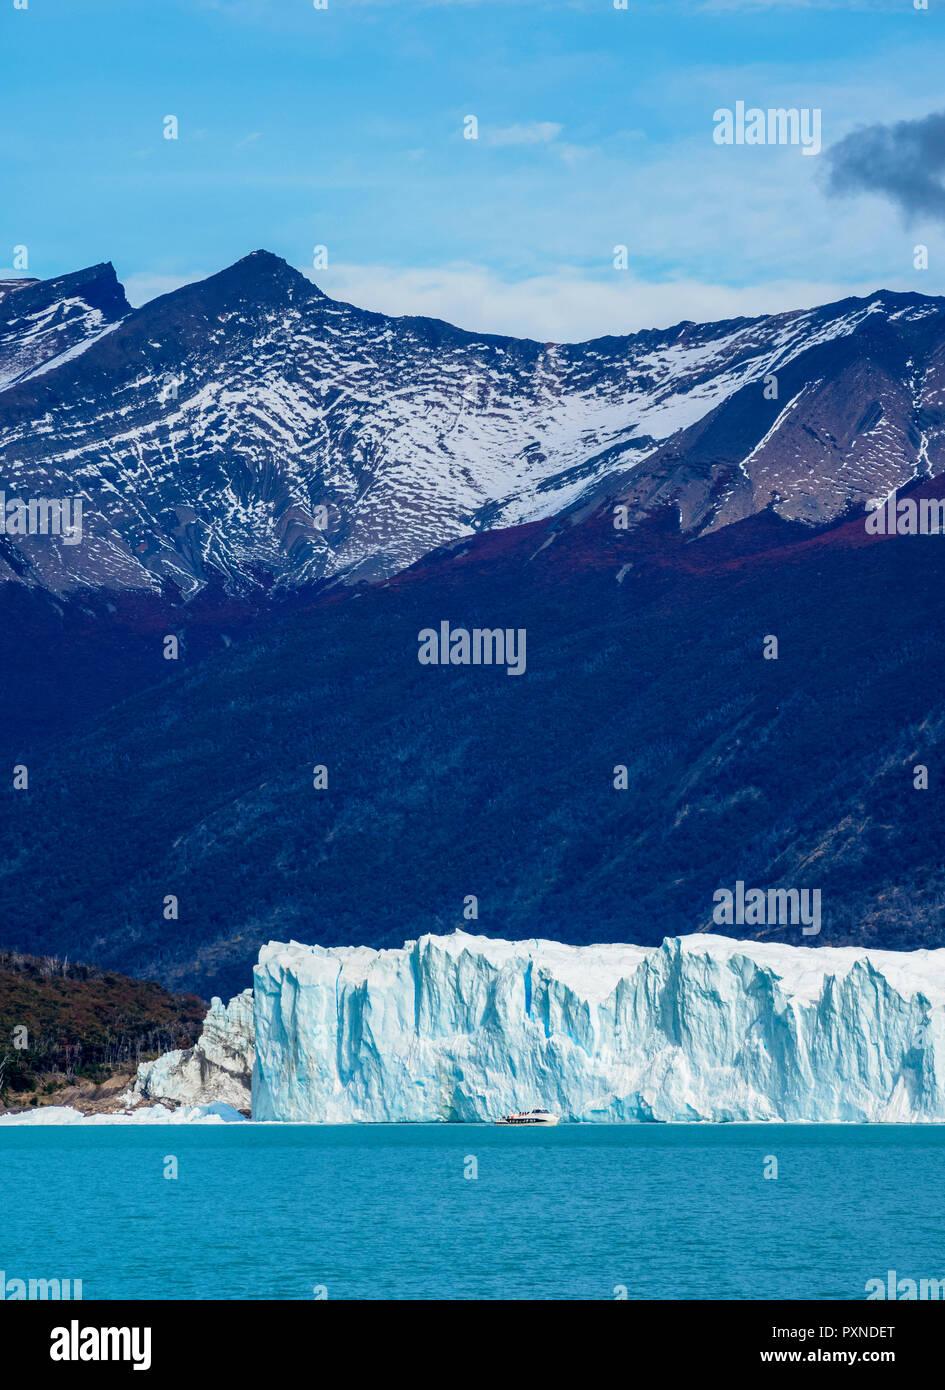 Perito Moreno Glacier, Los Glaciares National Park, Santa Cruz Province, Patagonia, Argentina - Stock Image